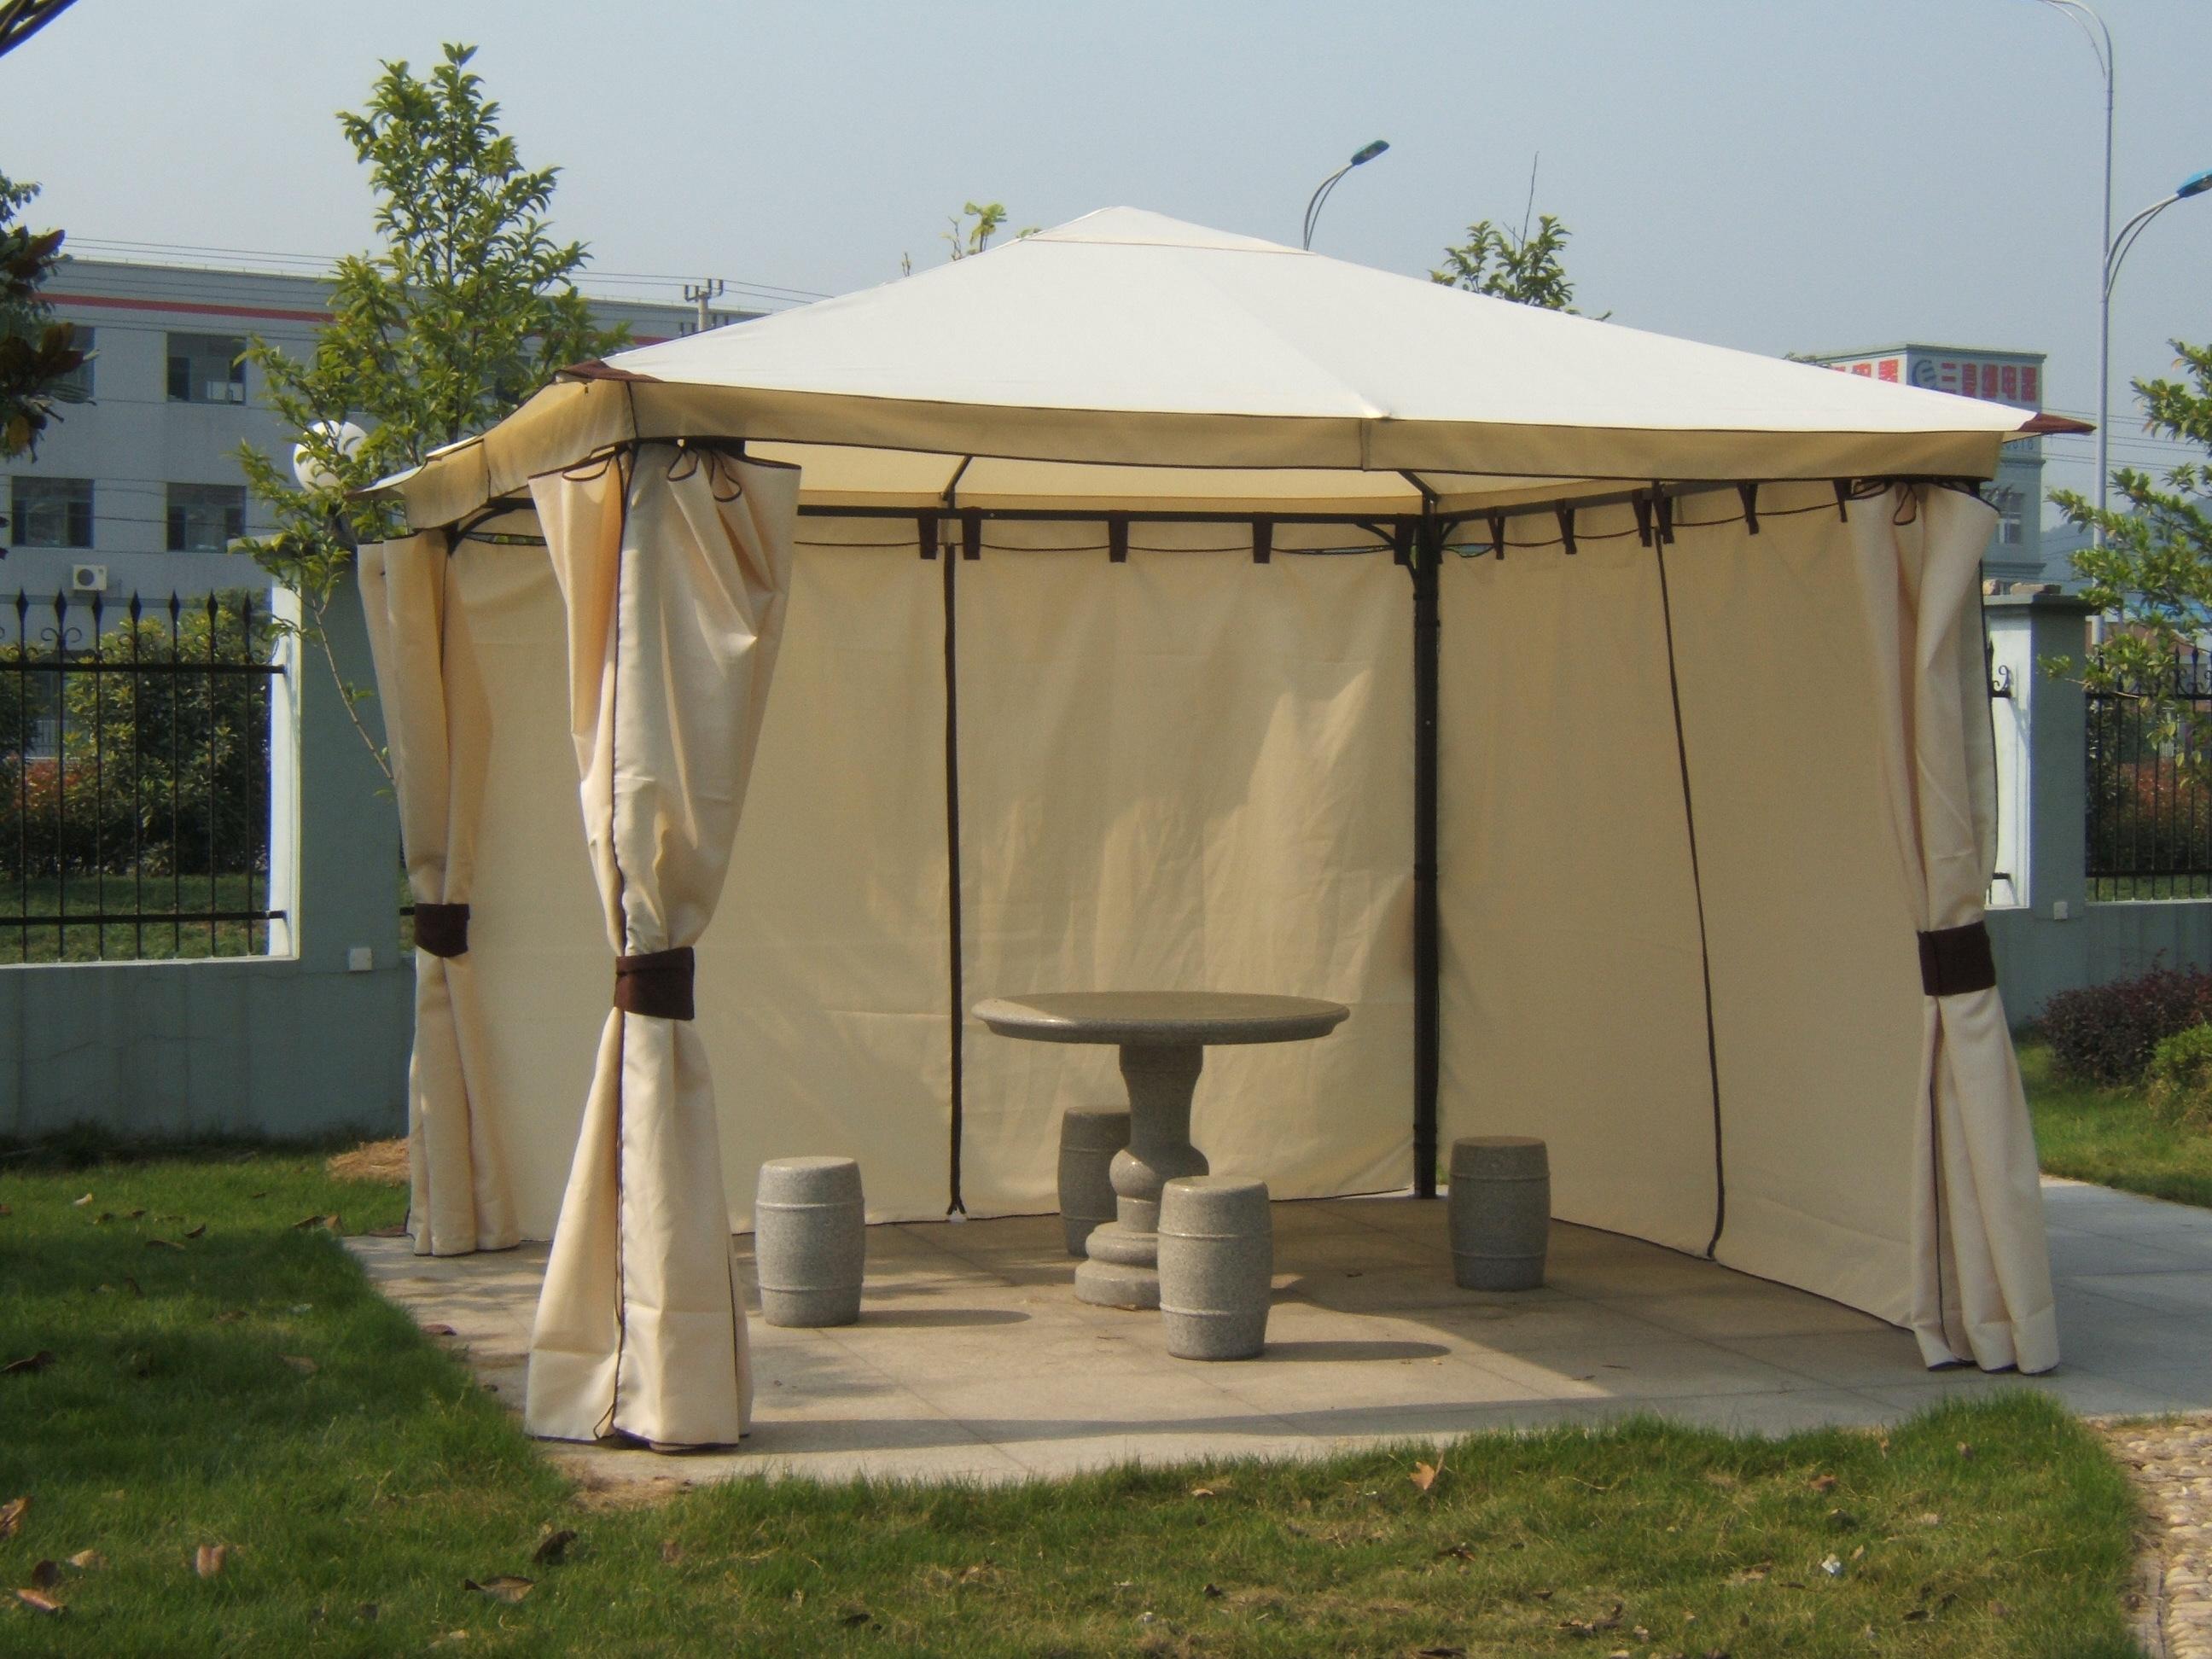 pavillon venezia 3x3 meter lda homestore ihr partner fuer kueche wohnen und garten. Black Bedroom Furniture Sets. Home Design Ideas